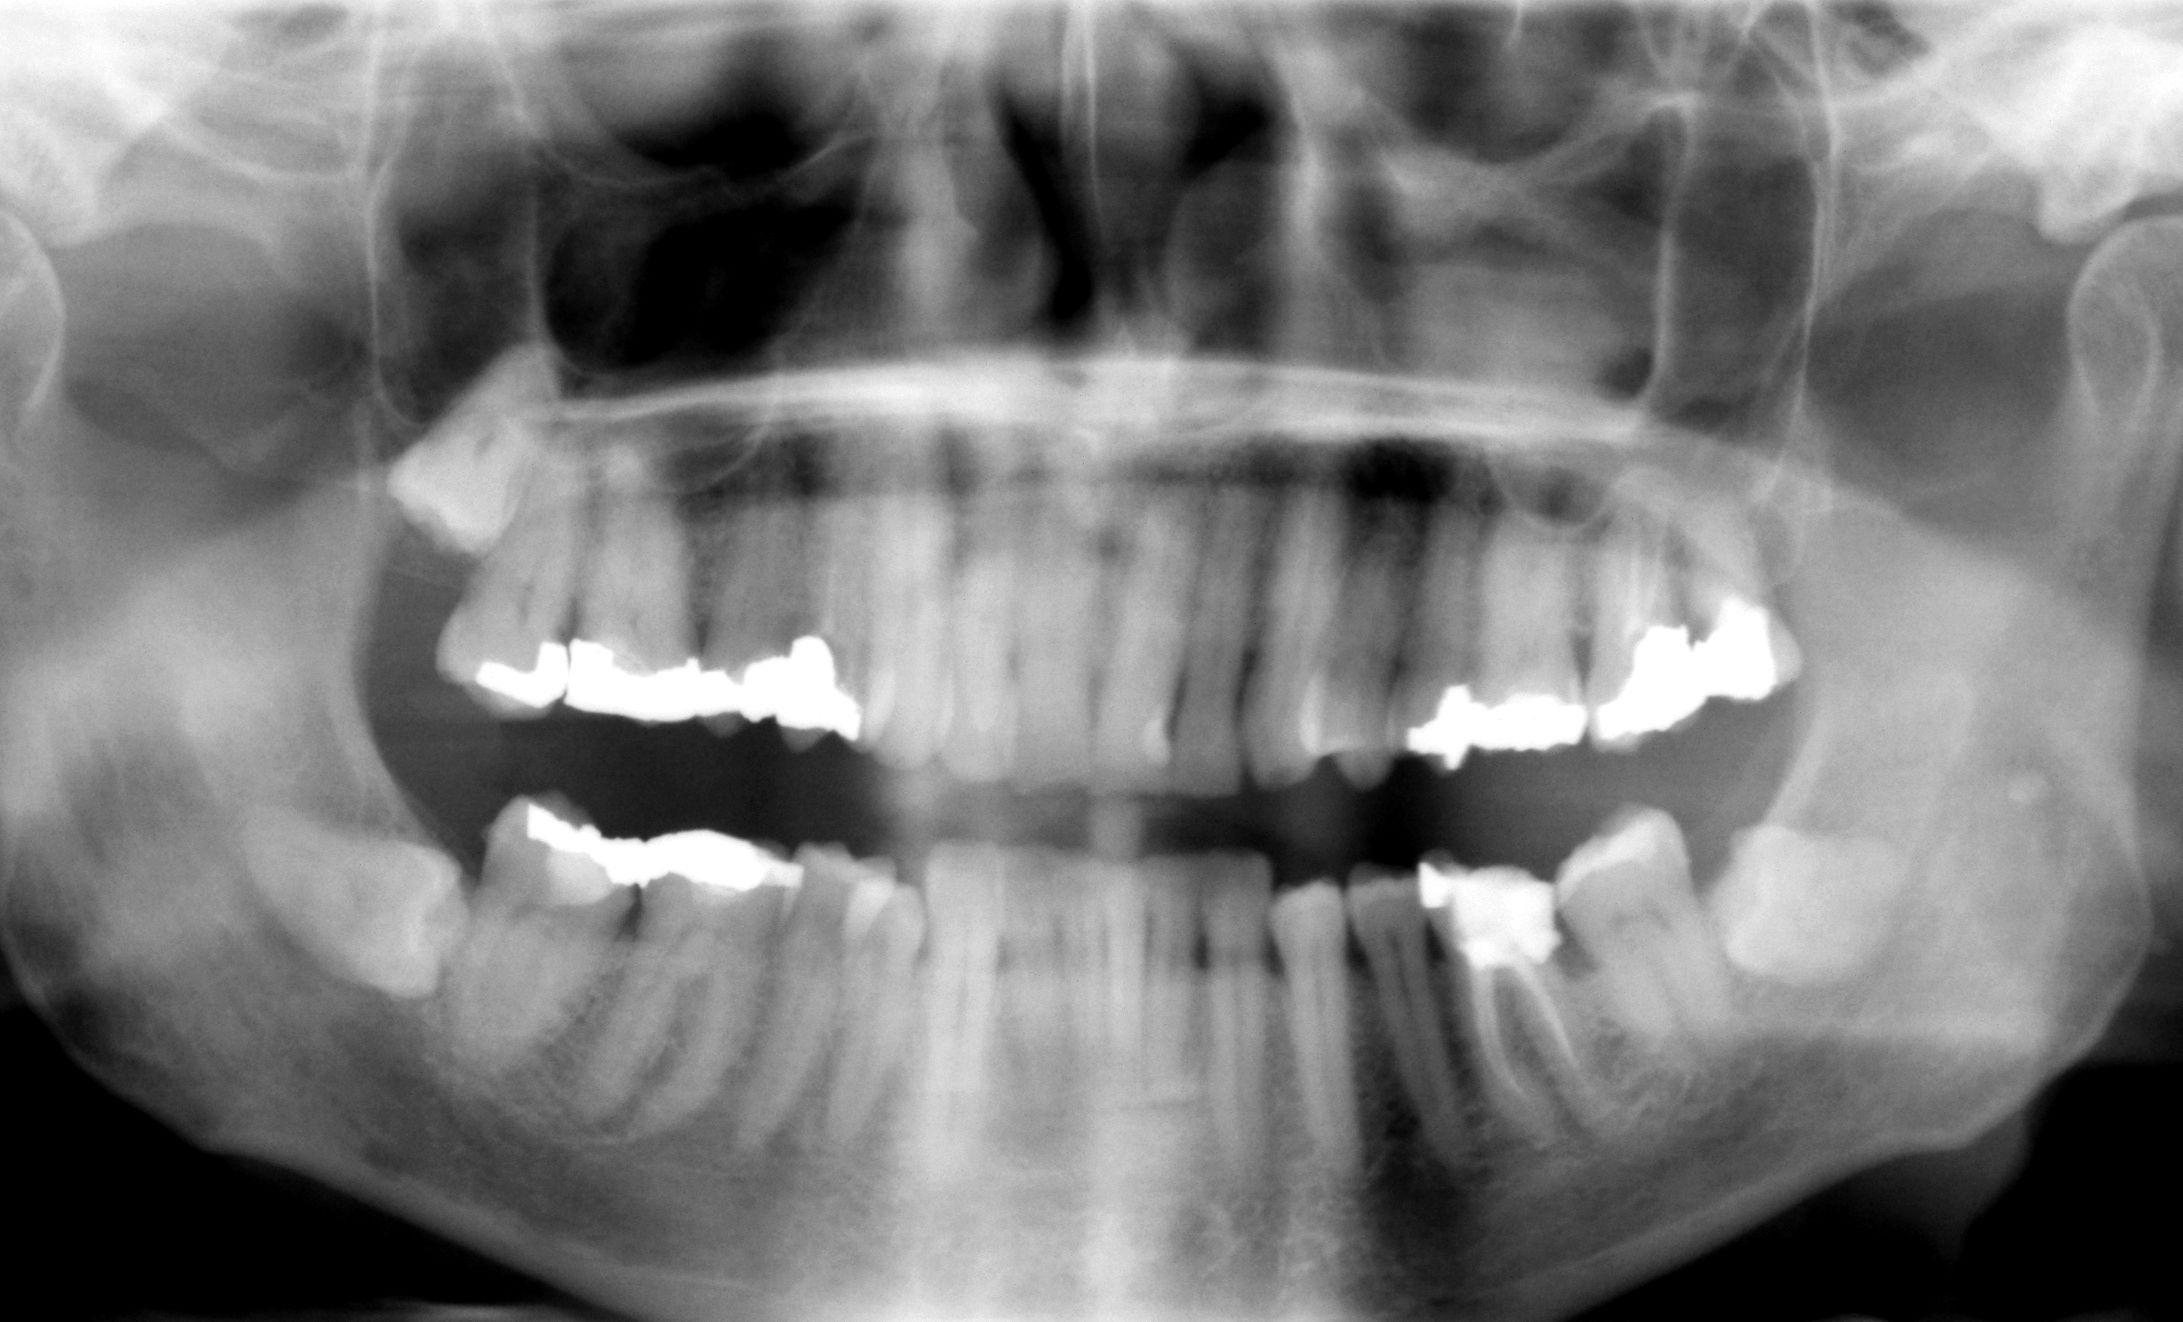 dental fillings heal teeth